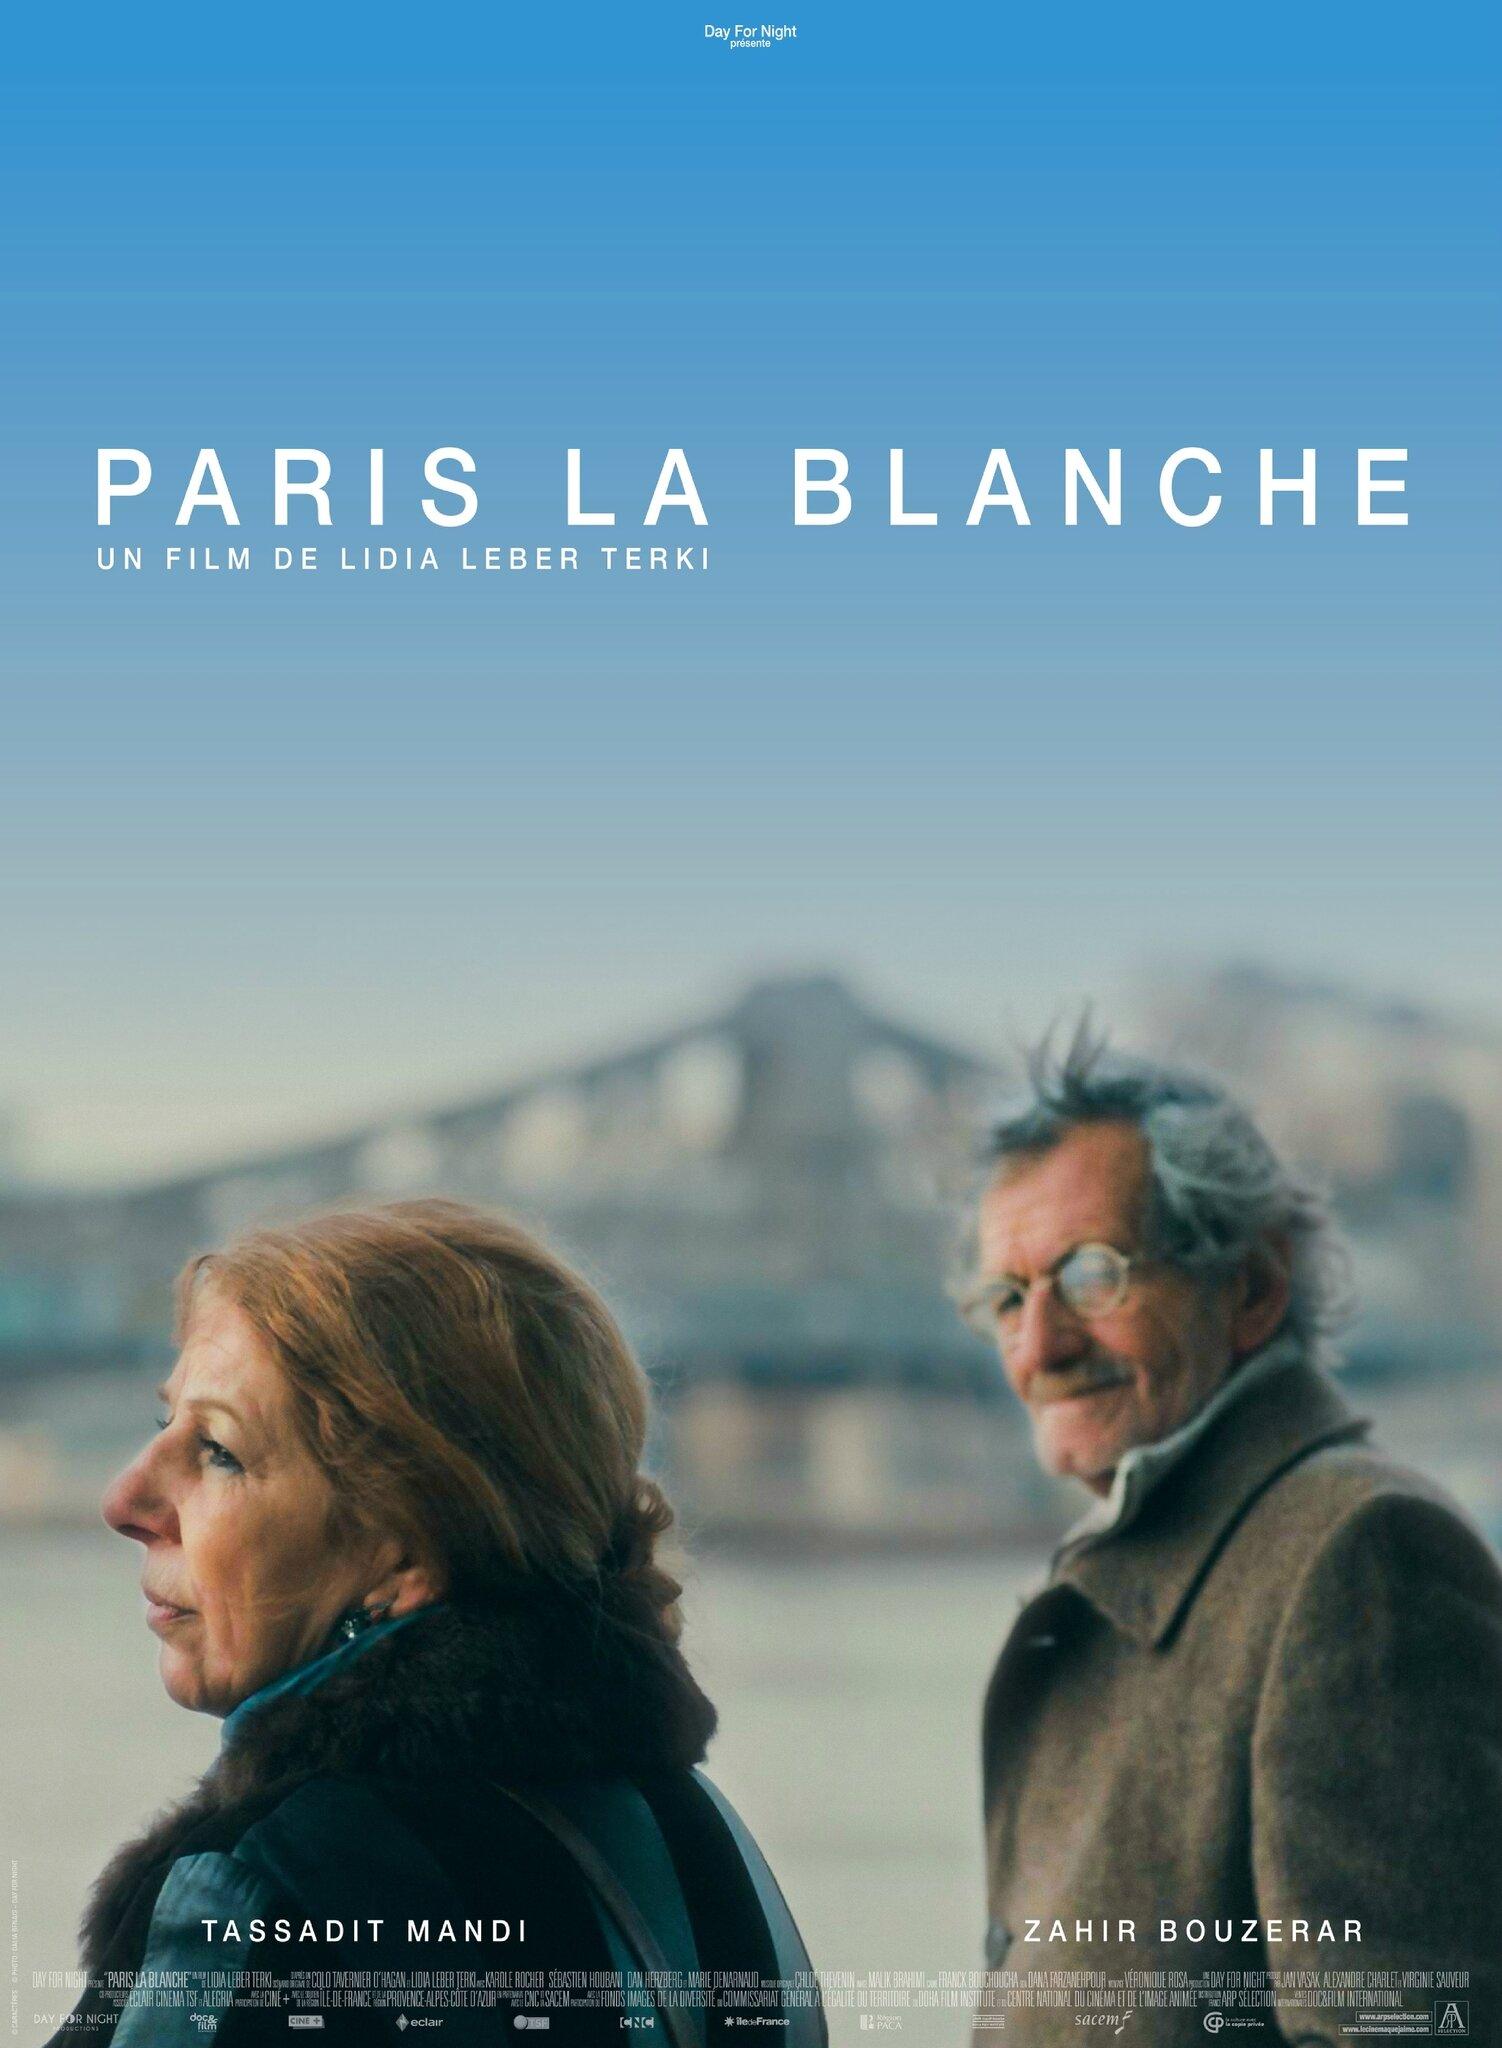 «Paris la blanche», le beau film de Lidia Terki sur le destin brisé des chibanis